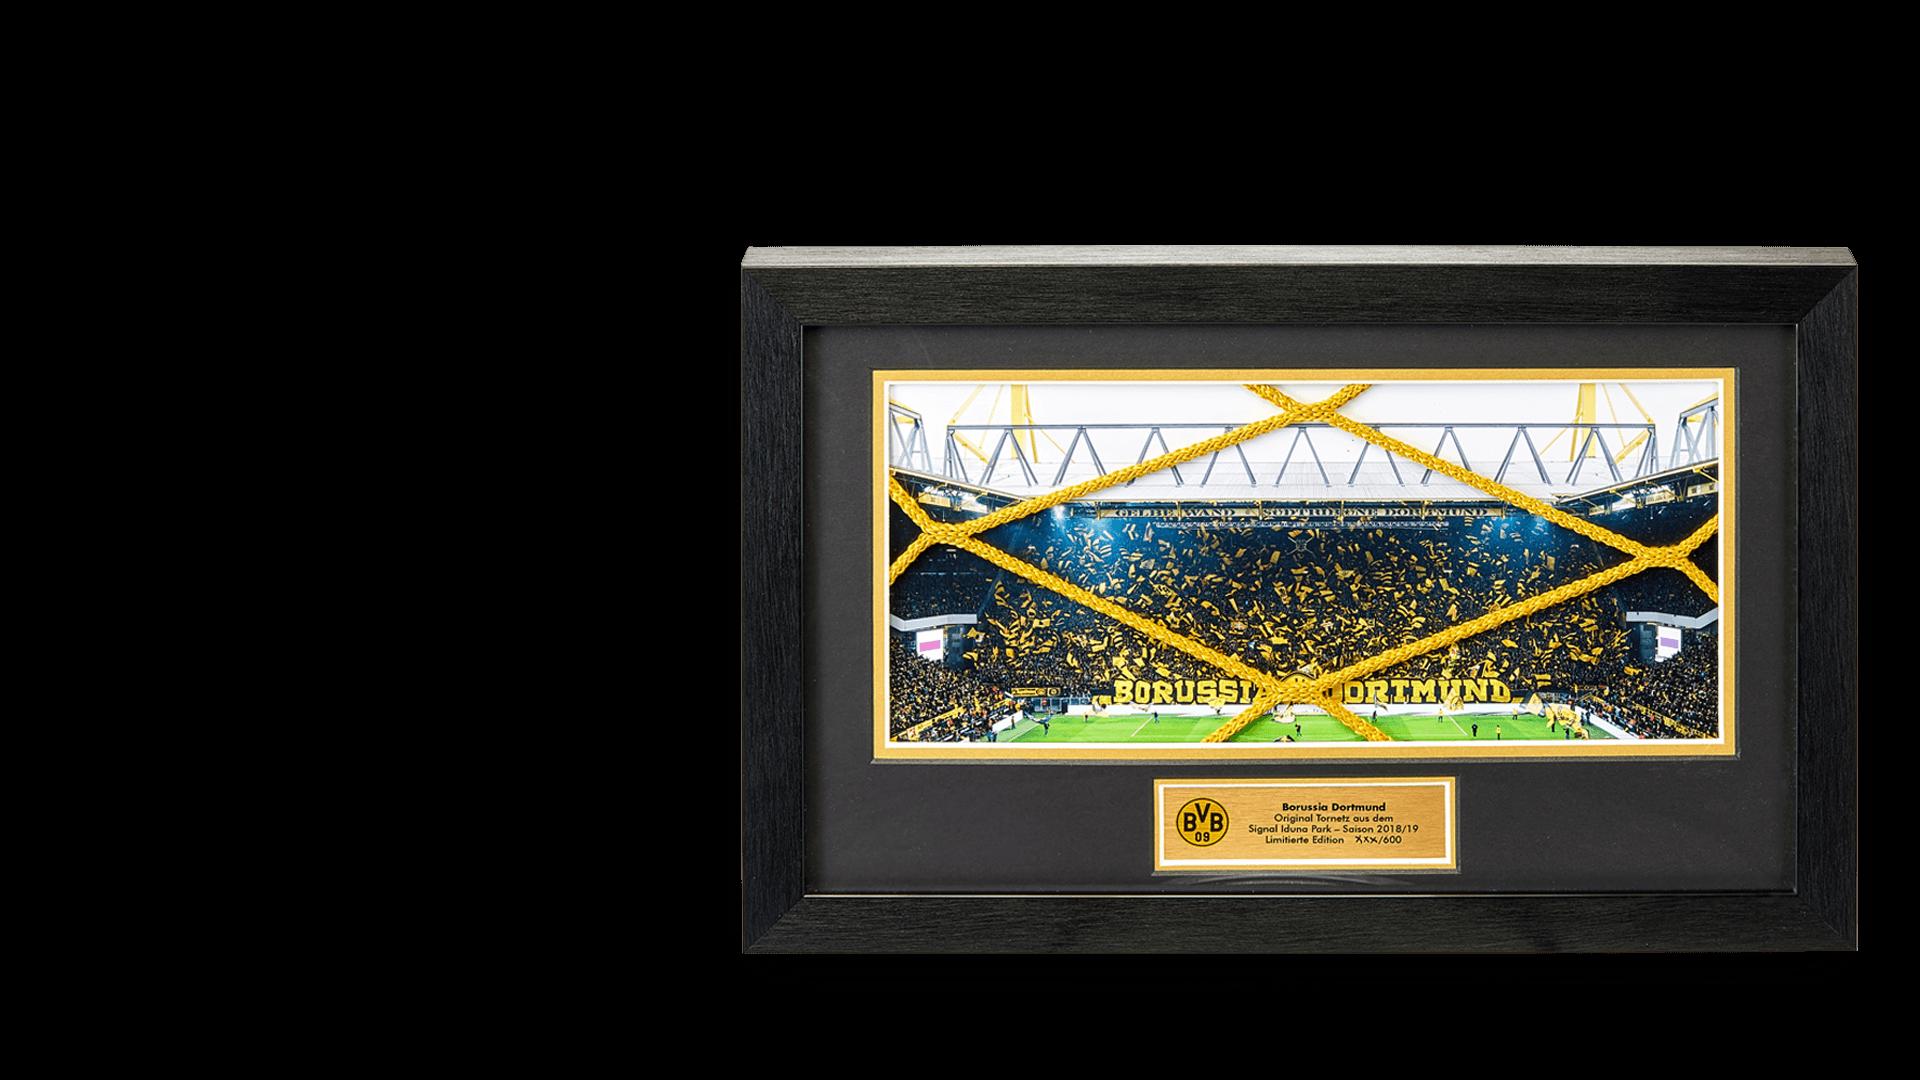 BVB Shop | Der offizielle Fanshop von Borussia Dortmund